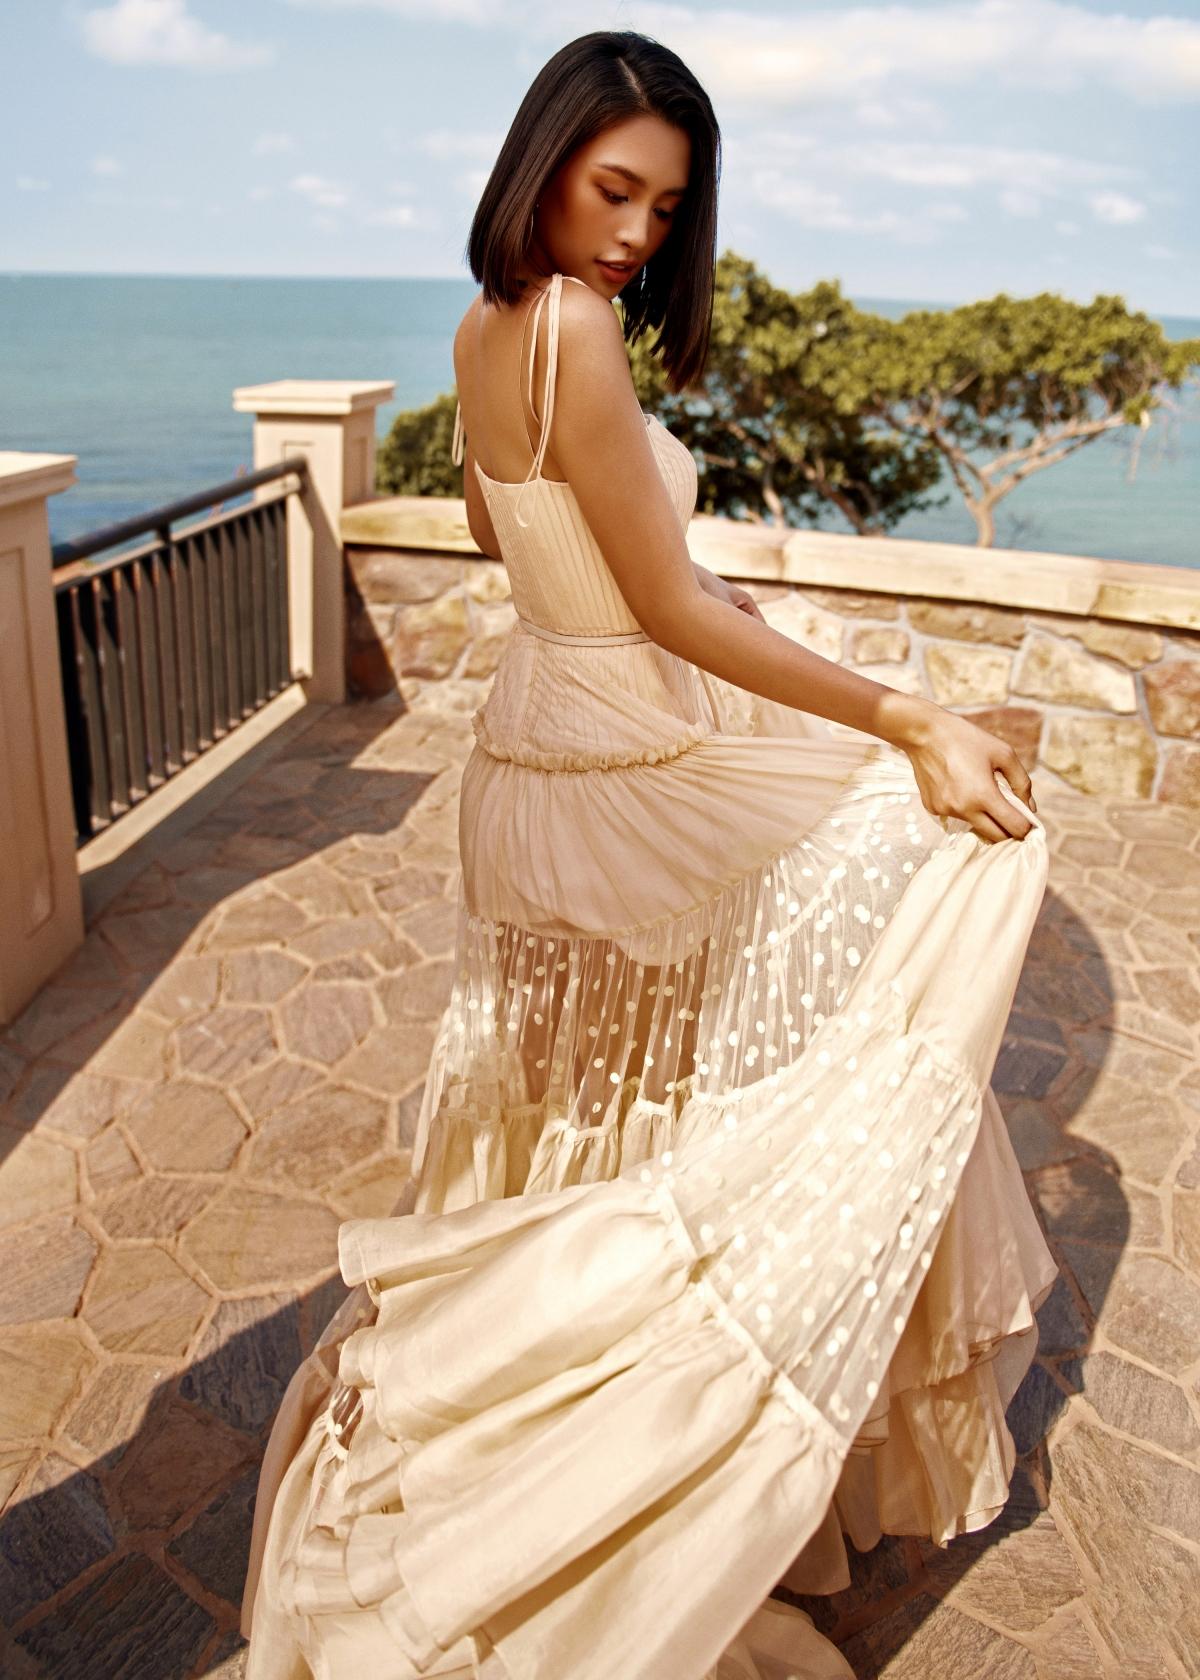 """Mới đây, cô tiếp tục hợp tác cùng NTK Lê Thanh Hoà trong bộ ảnh mới mang tên """"Like the sunshine"""". Người đẹp cũng là nàng thơ quen thuộc trong các BST của NTK Lê Thanh Hoà trước đây."""